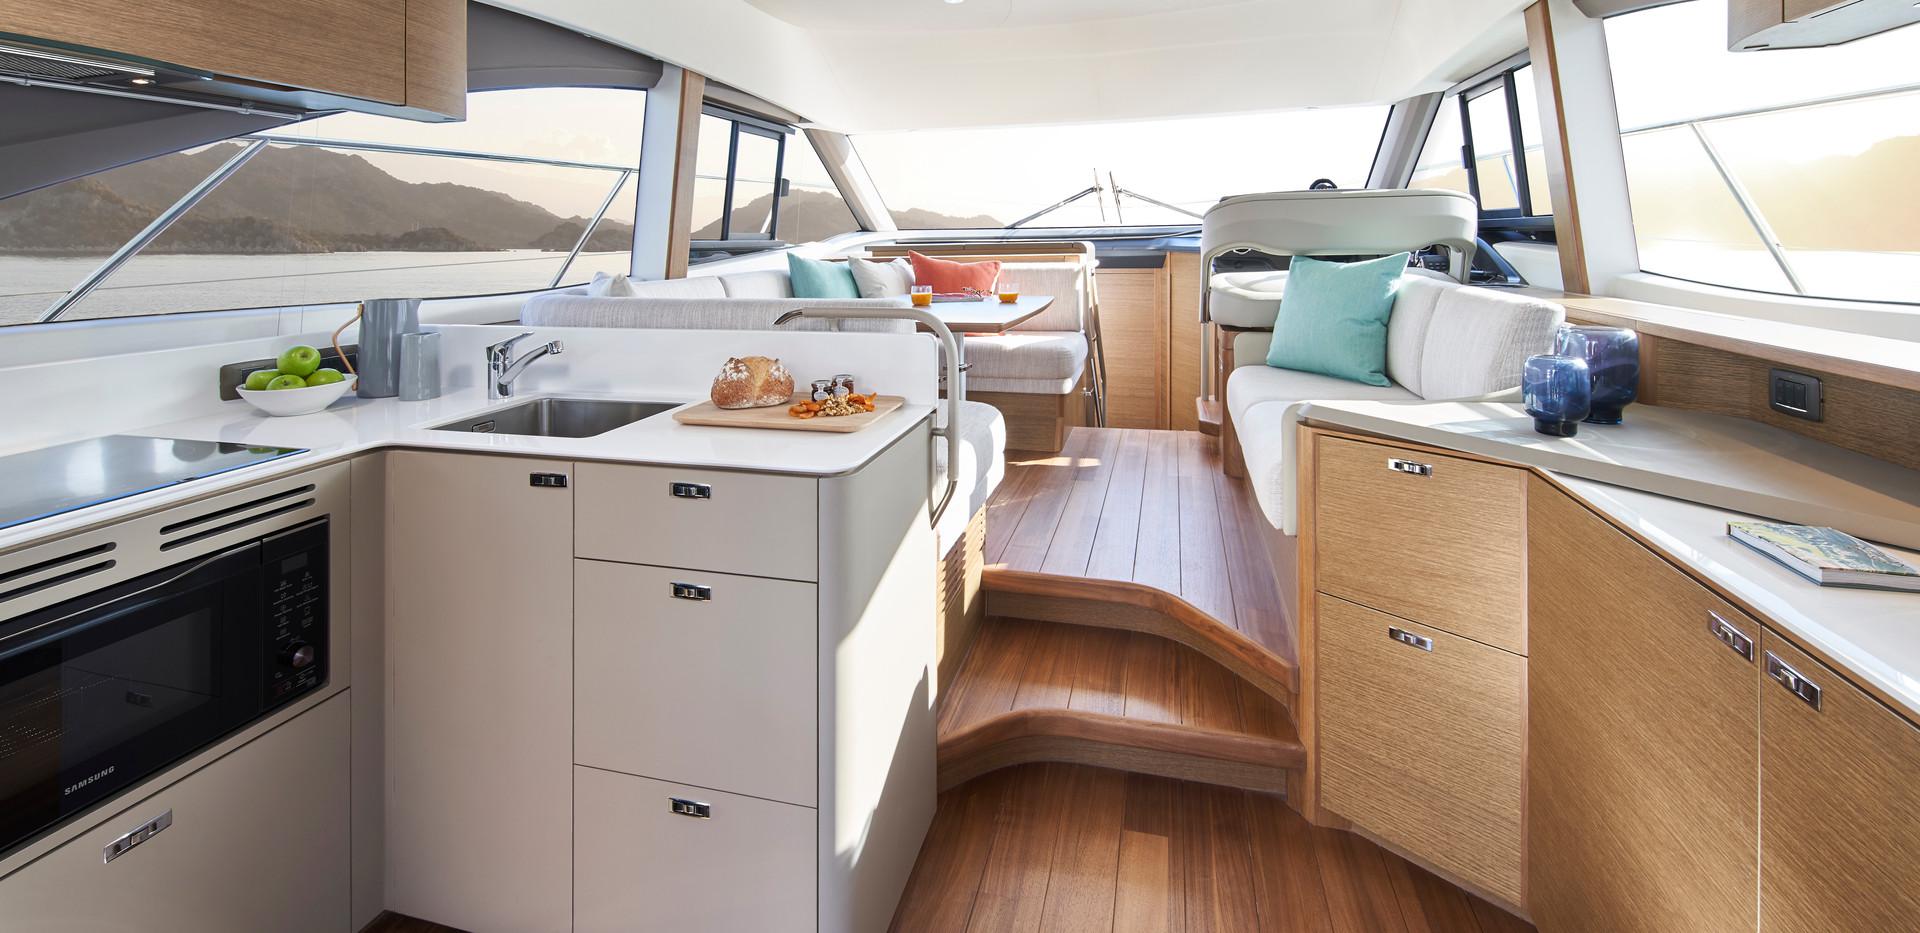 f45-interior-saloon-rovere-oak-satin.jpg